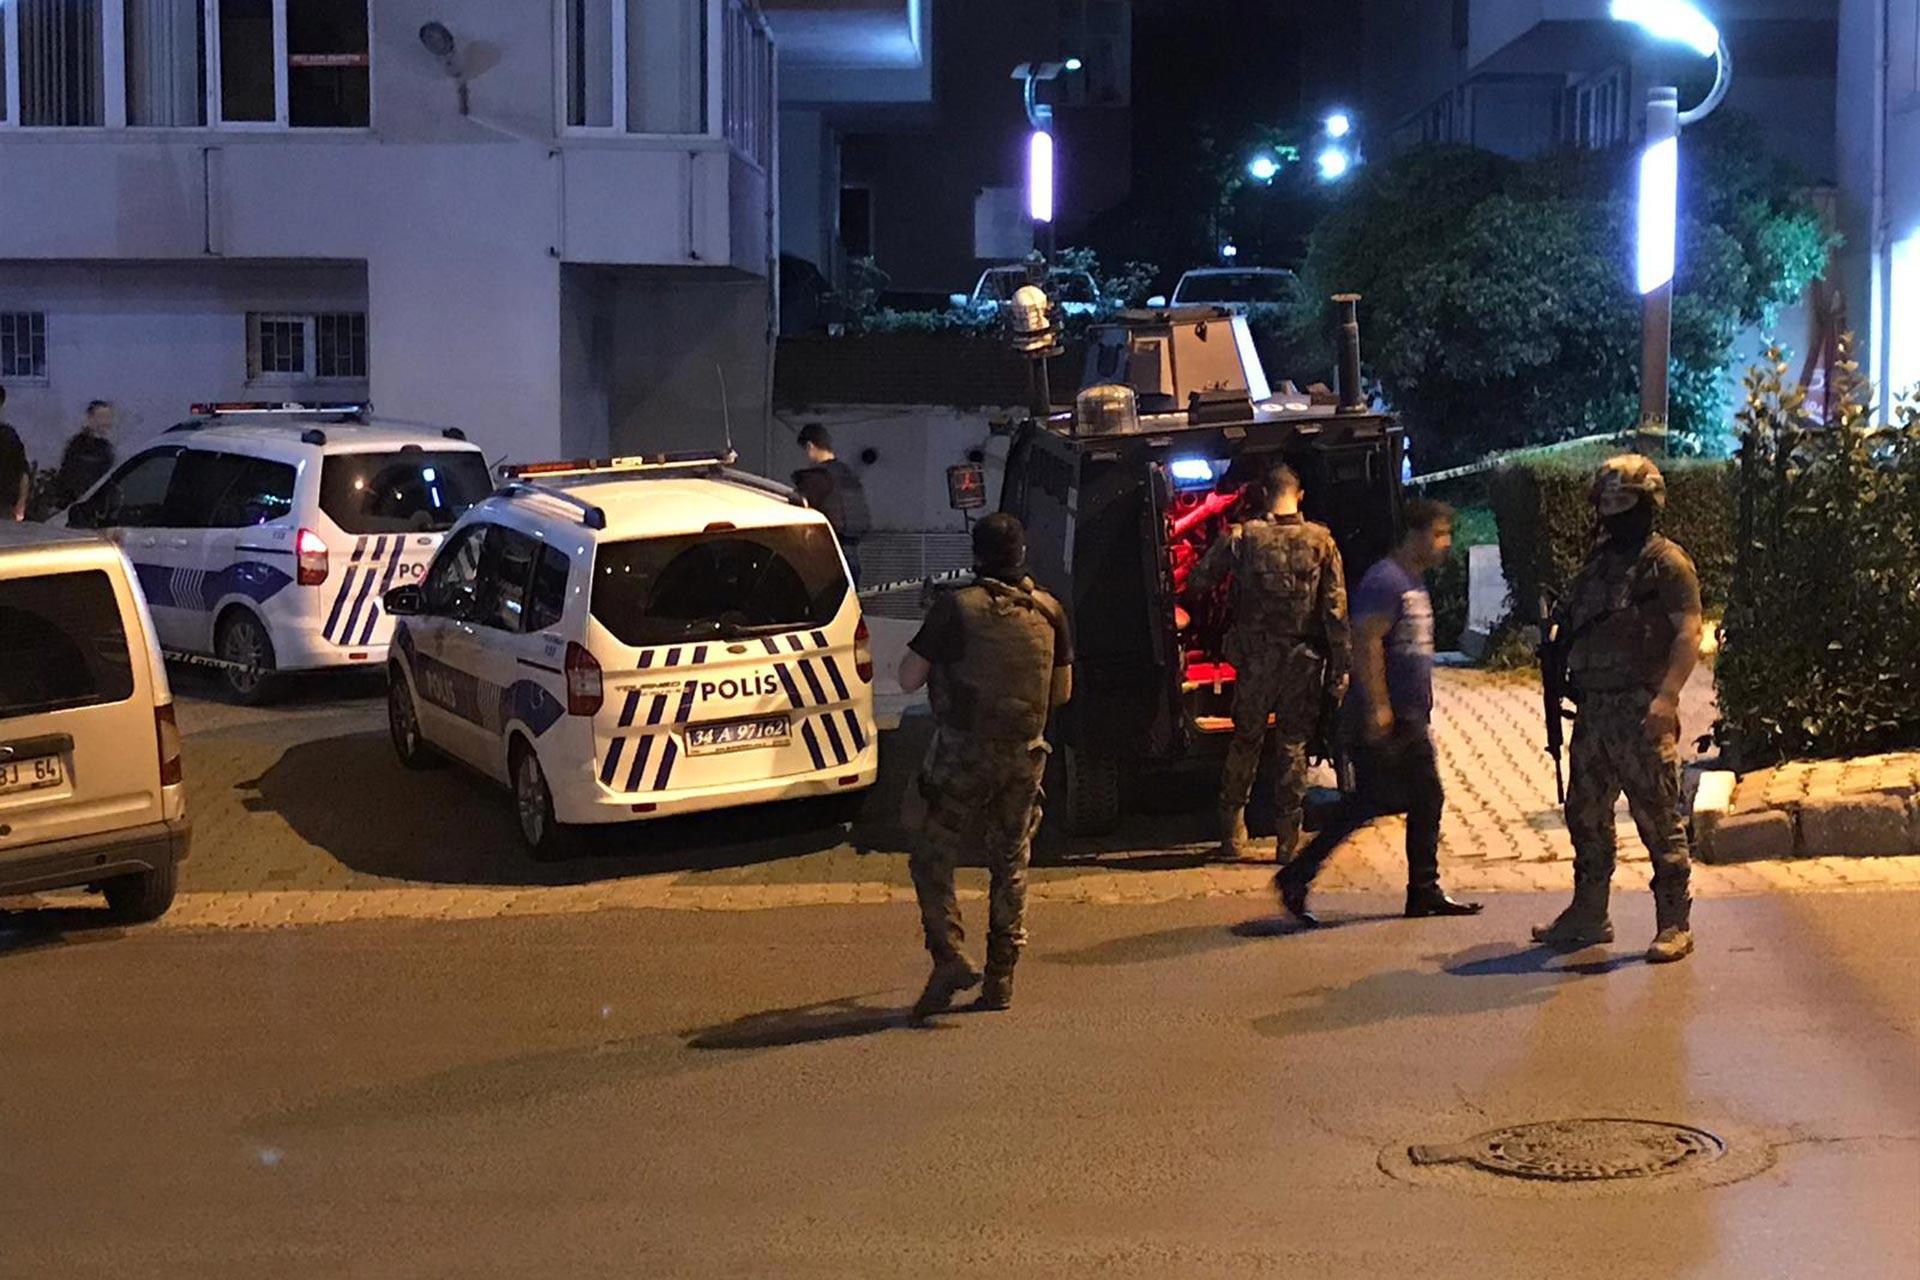 Üsküdar'da polislere ateş ettiği iddia edilen kişi gözaltına alındı